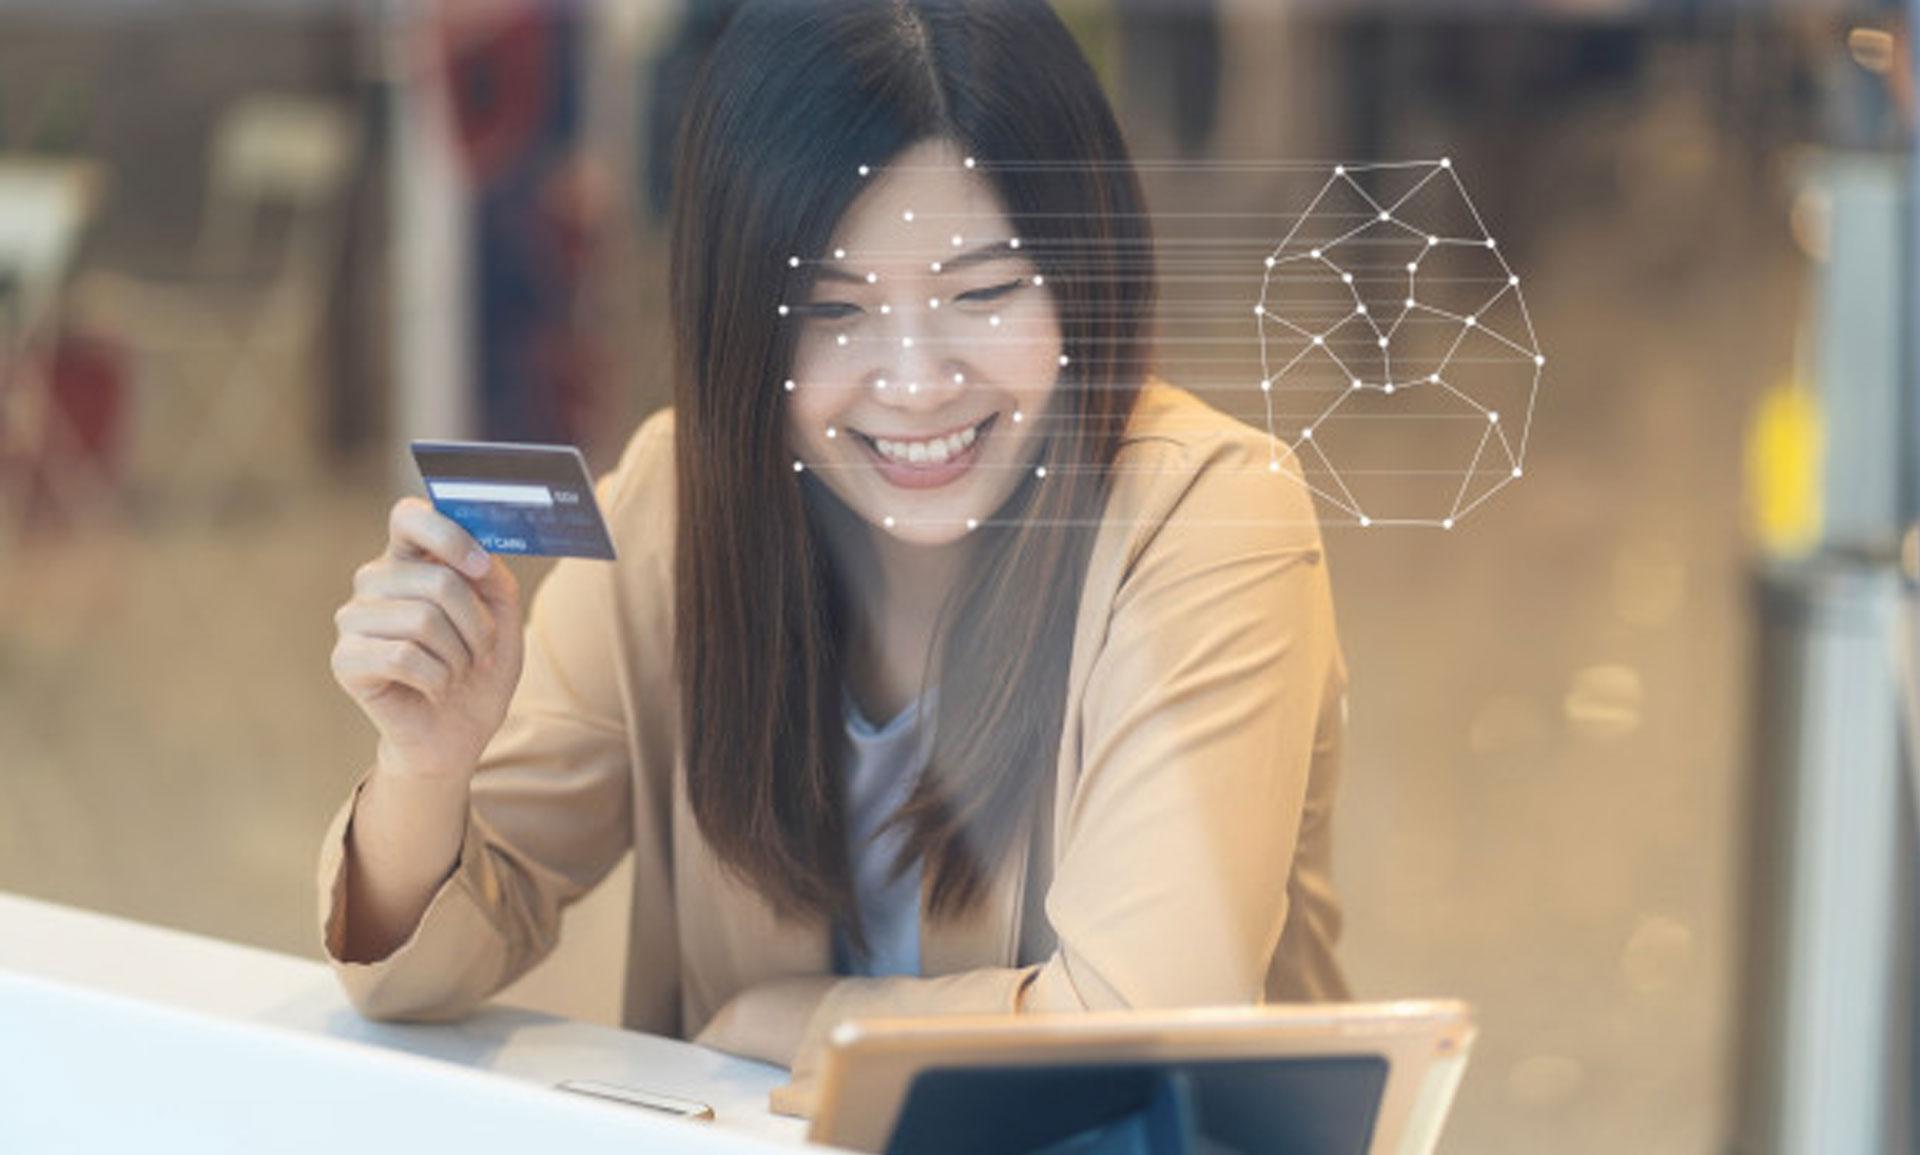 5 tendencias tecnológicas que cambiarán las compras en retail durante 2020